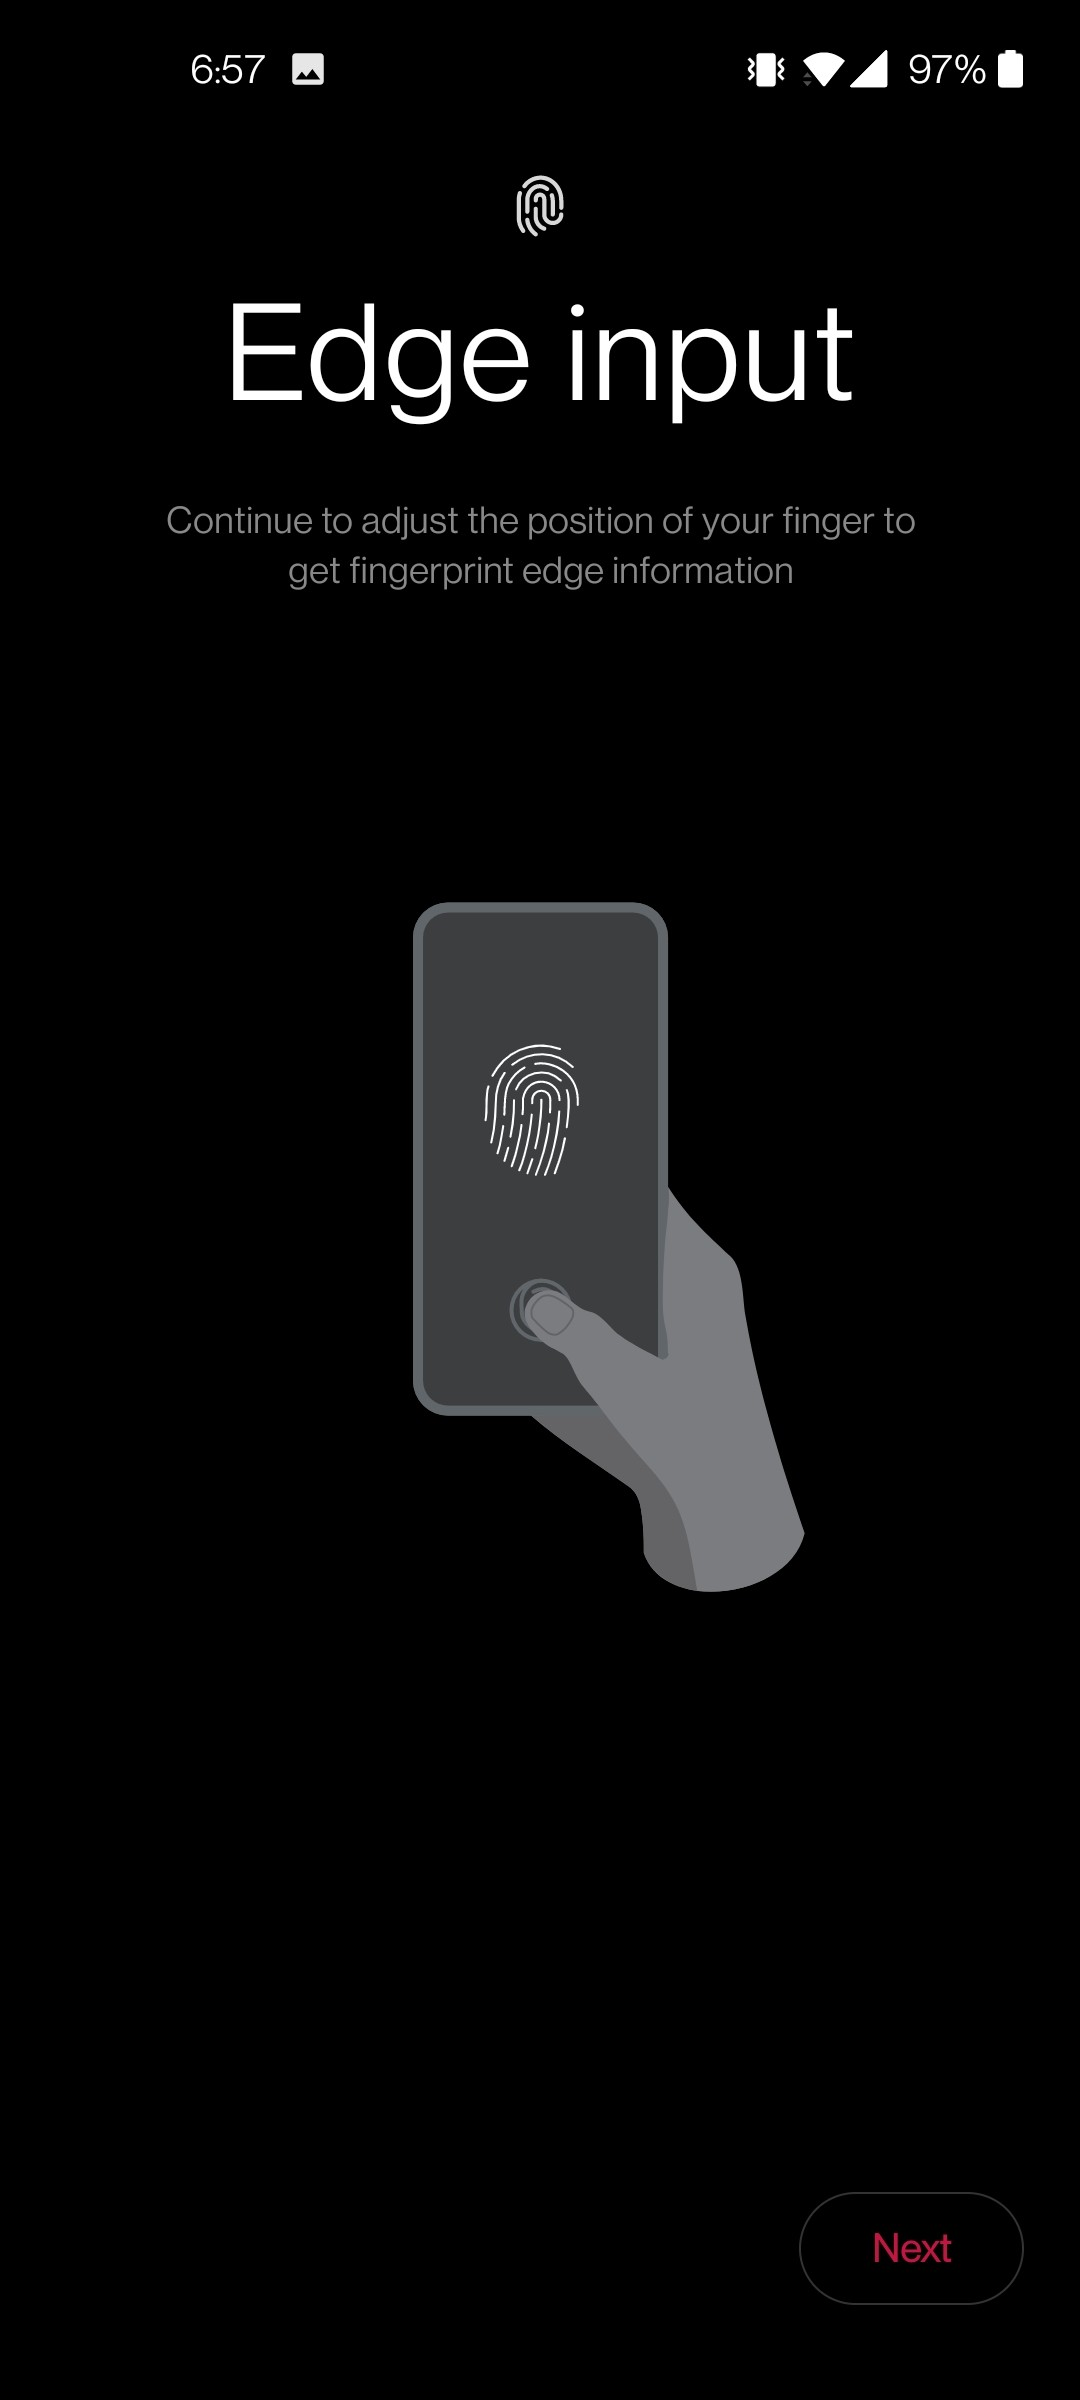 بررسی کامل و تخصصی گوشی وان پلاس 9: قیمت بحث برانگیز با امکانات بحث برانگیز